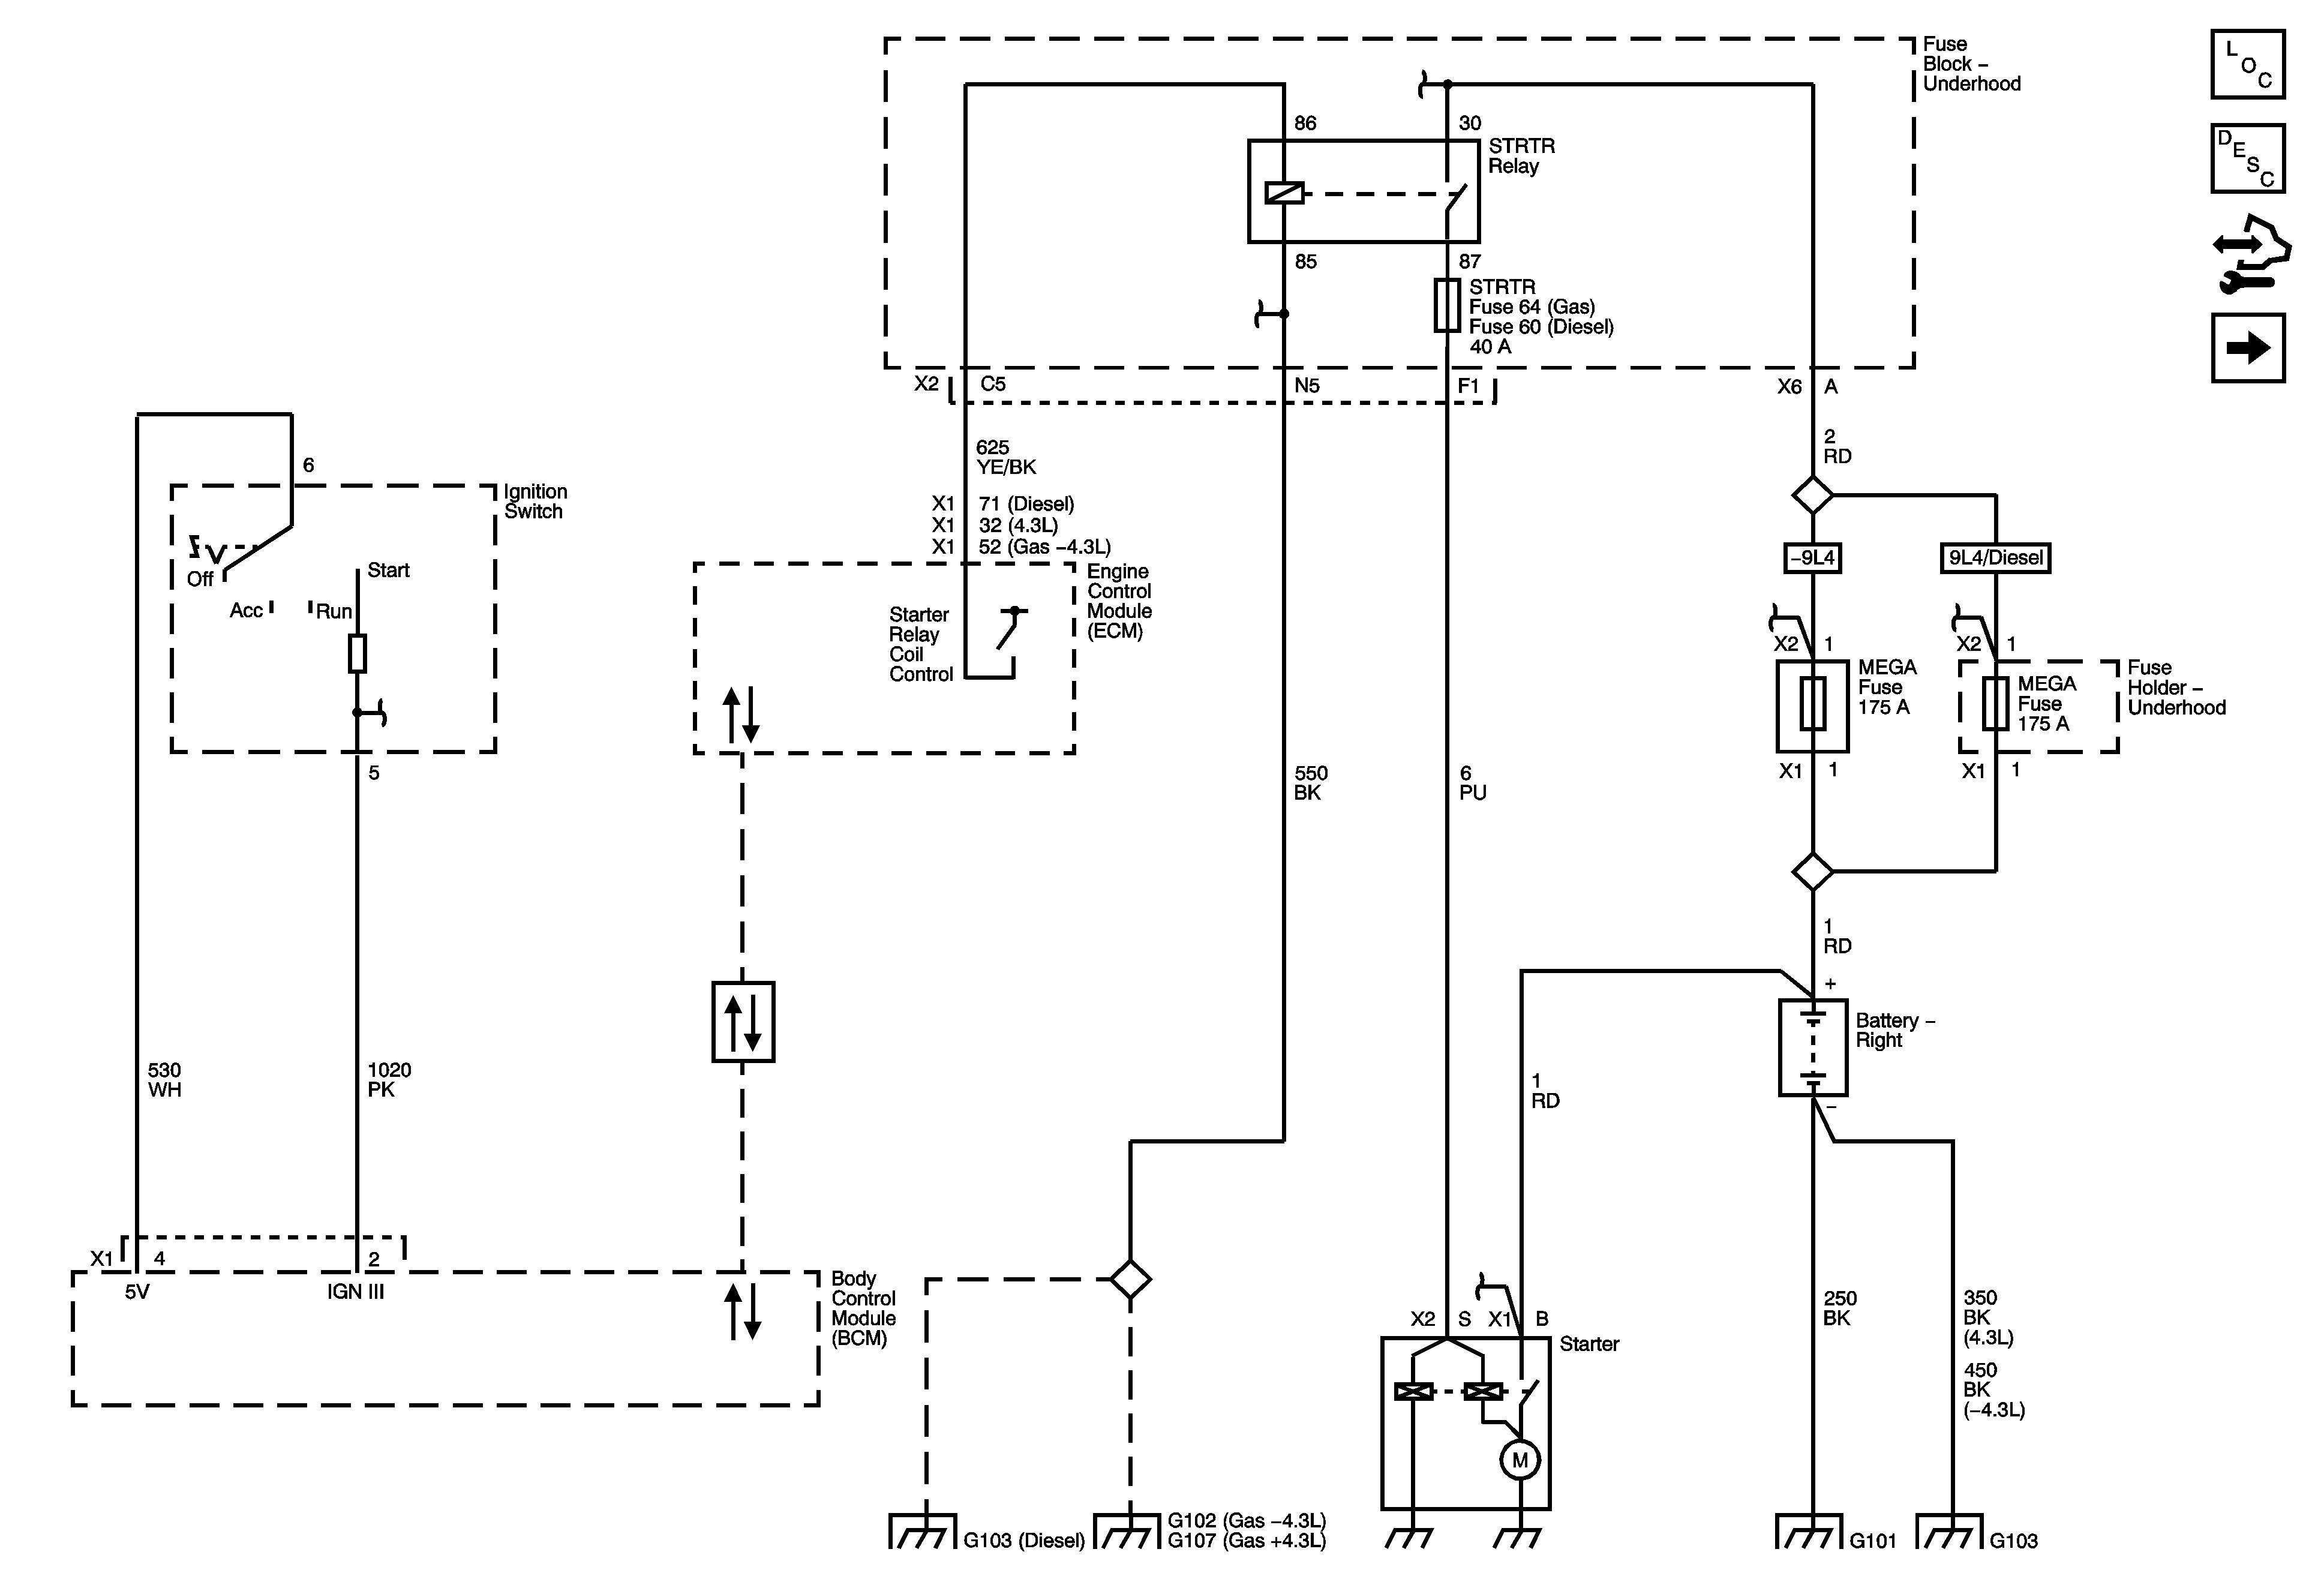 Marine Engine Diagram Unique Steering Wheel Radio Controls Wiring Diagram Diagram Of Marine Engine Diagram